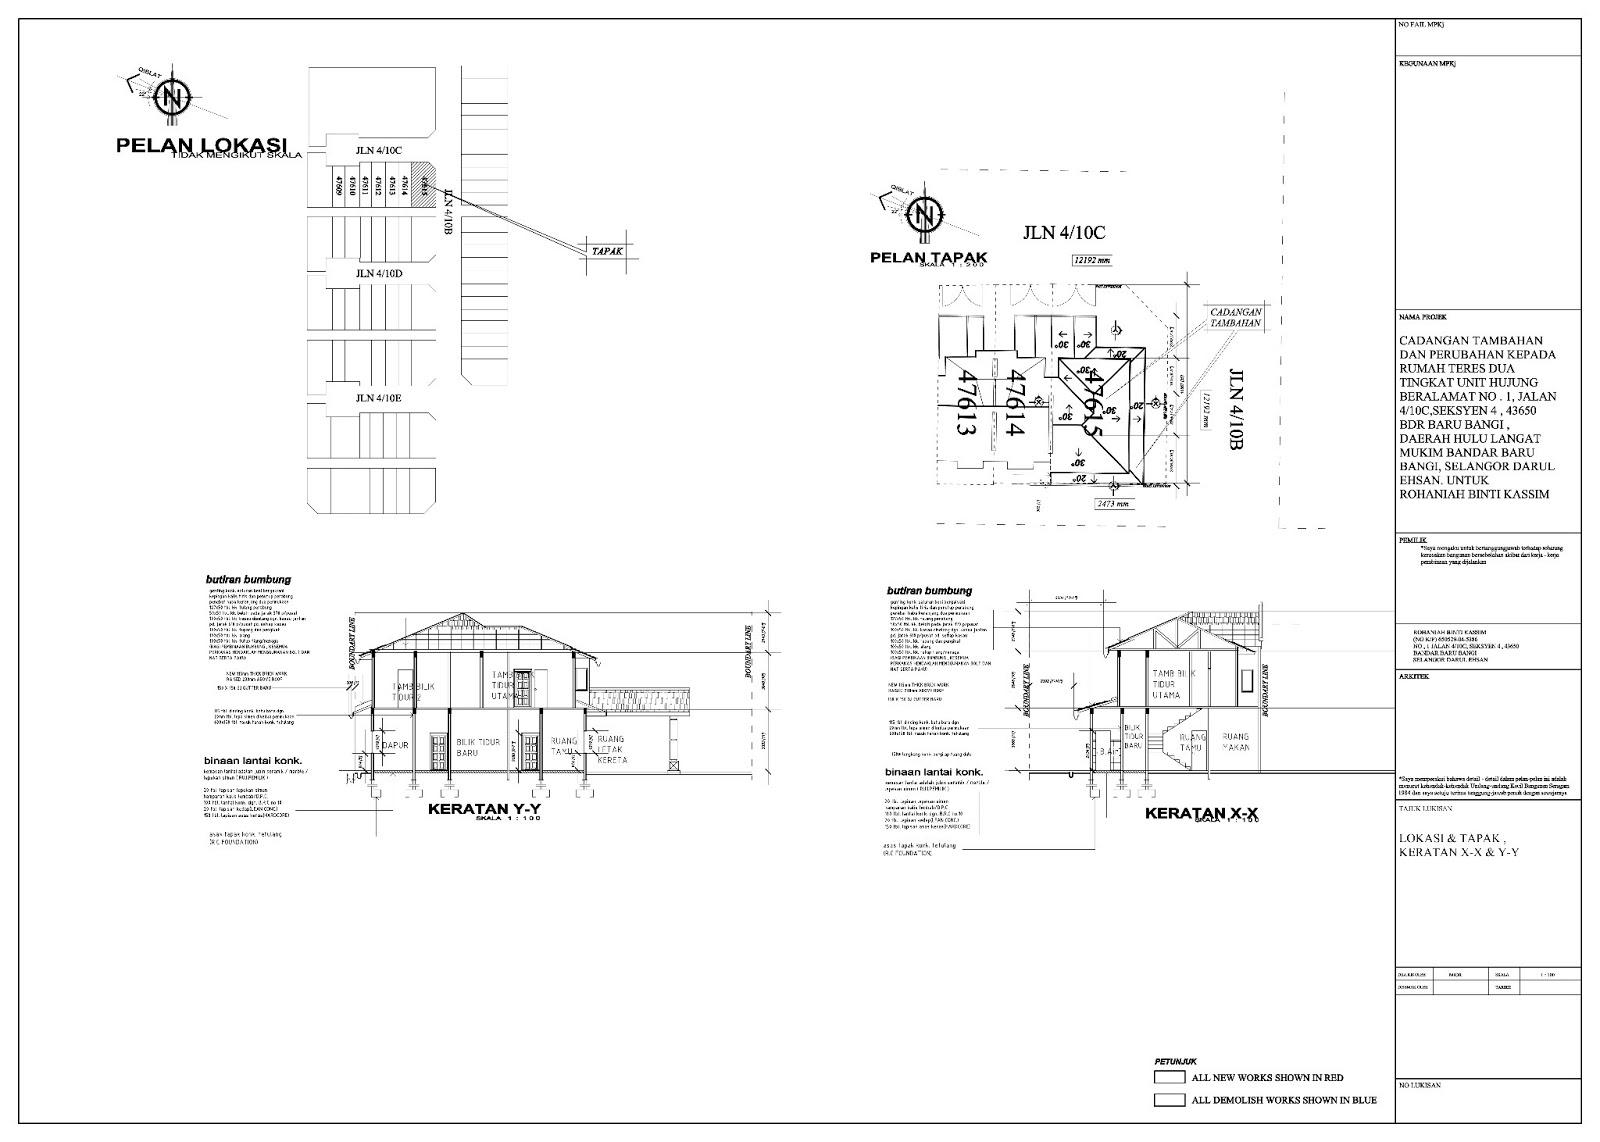 Bazoooka perkhidmatan pelukis pelan bangunan untuk for Arkitek design and model